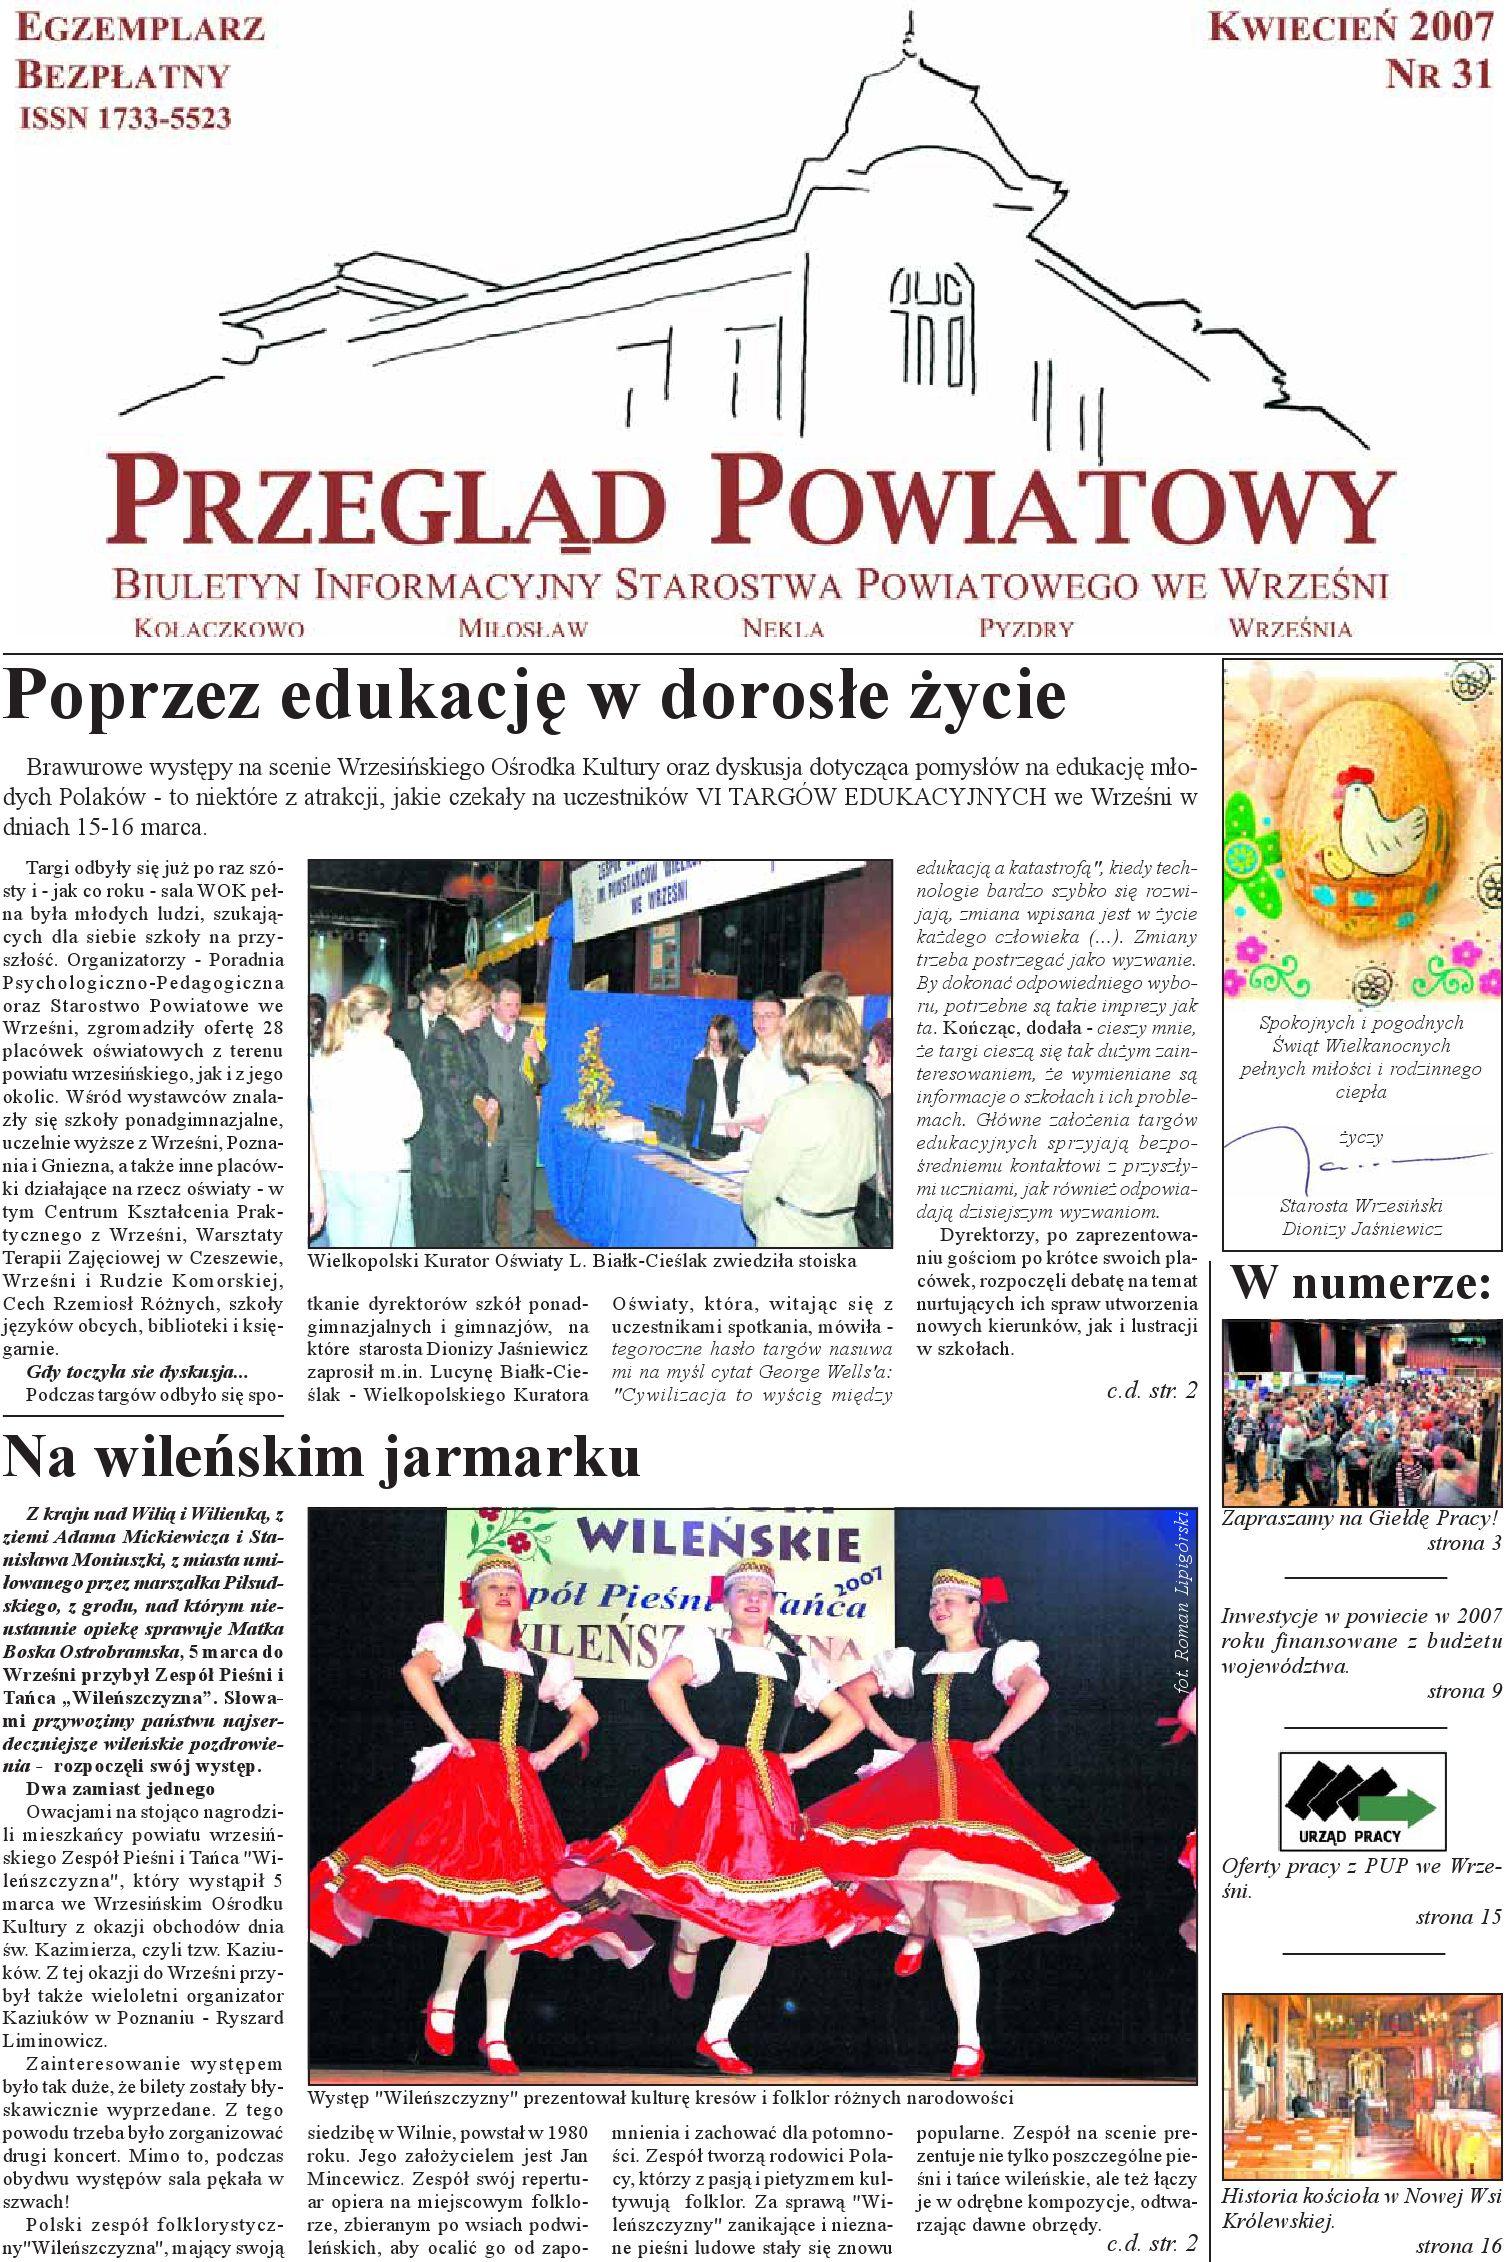 Przegląd Powiatowy Nr 31 Kwiecień 2007 By Starostwo